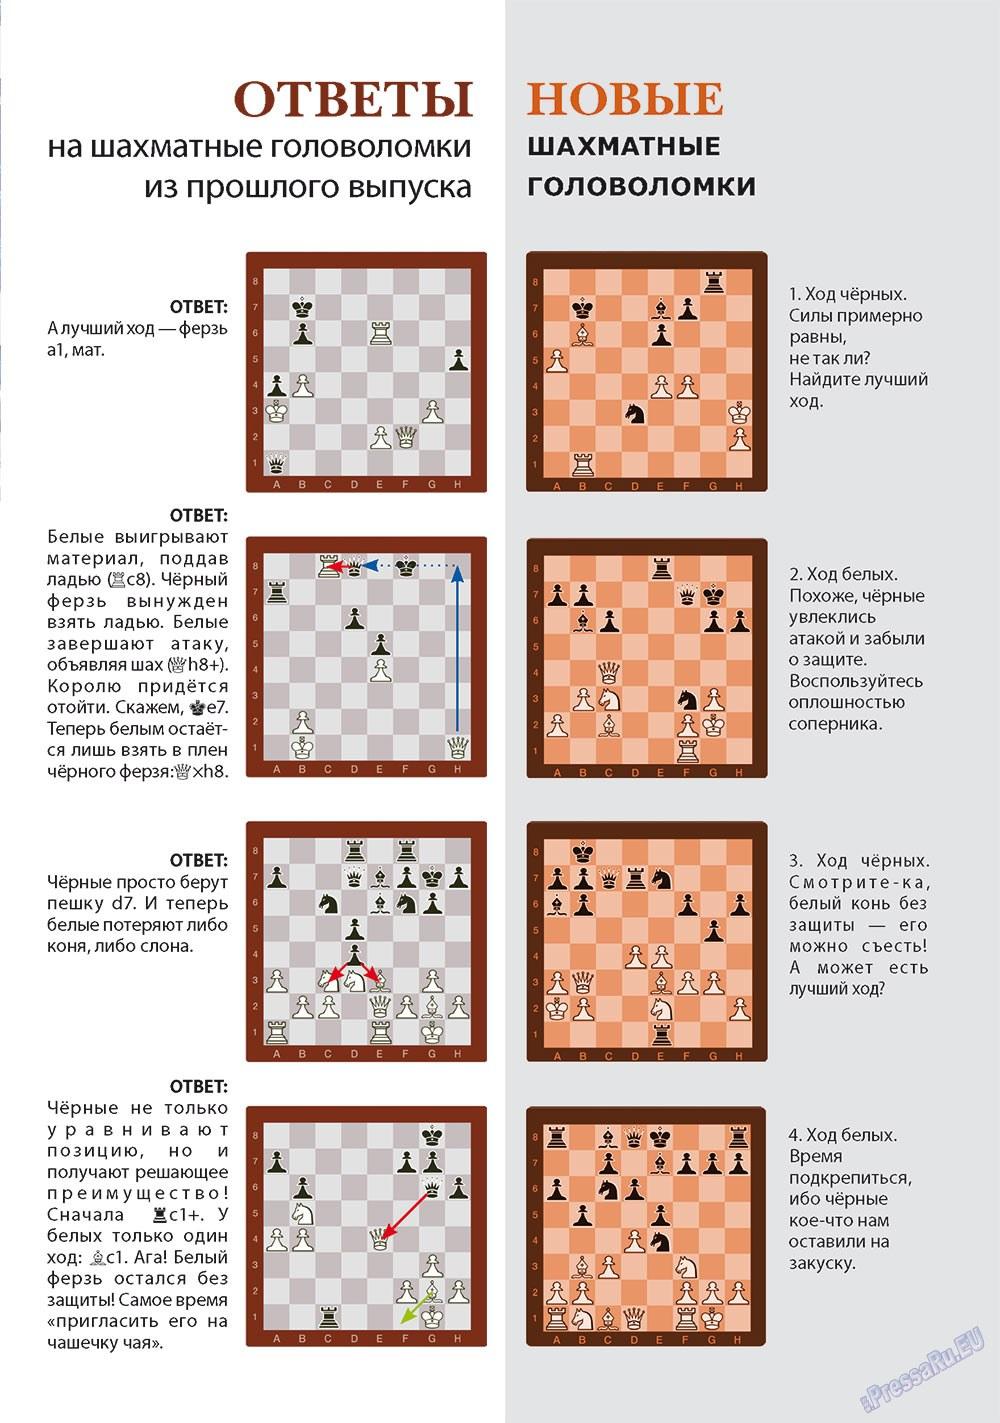 Апельсин (журнал). 2011 год, номер 27, стр. 45